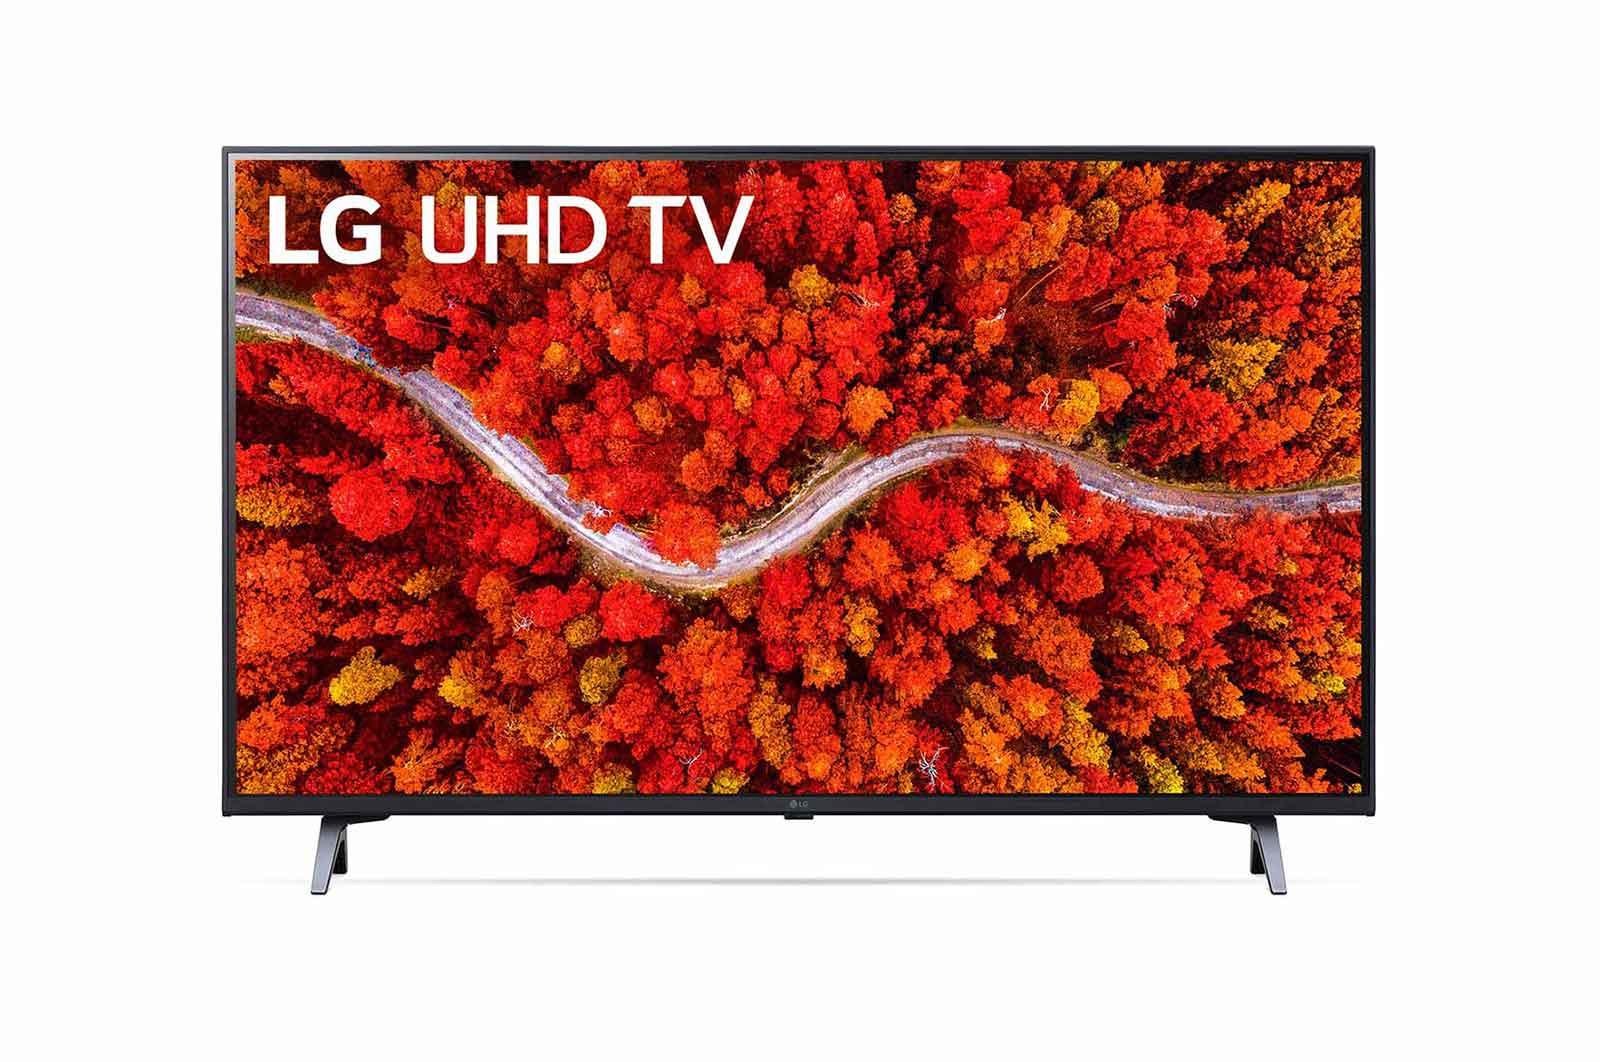 LG - LED TV 50UP8000PTB